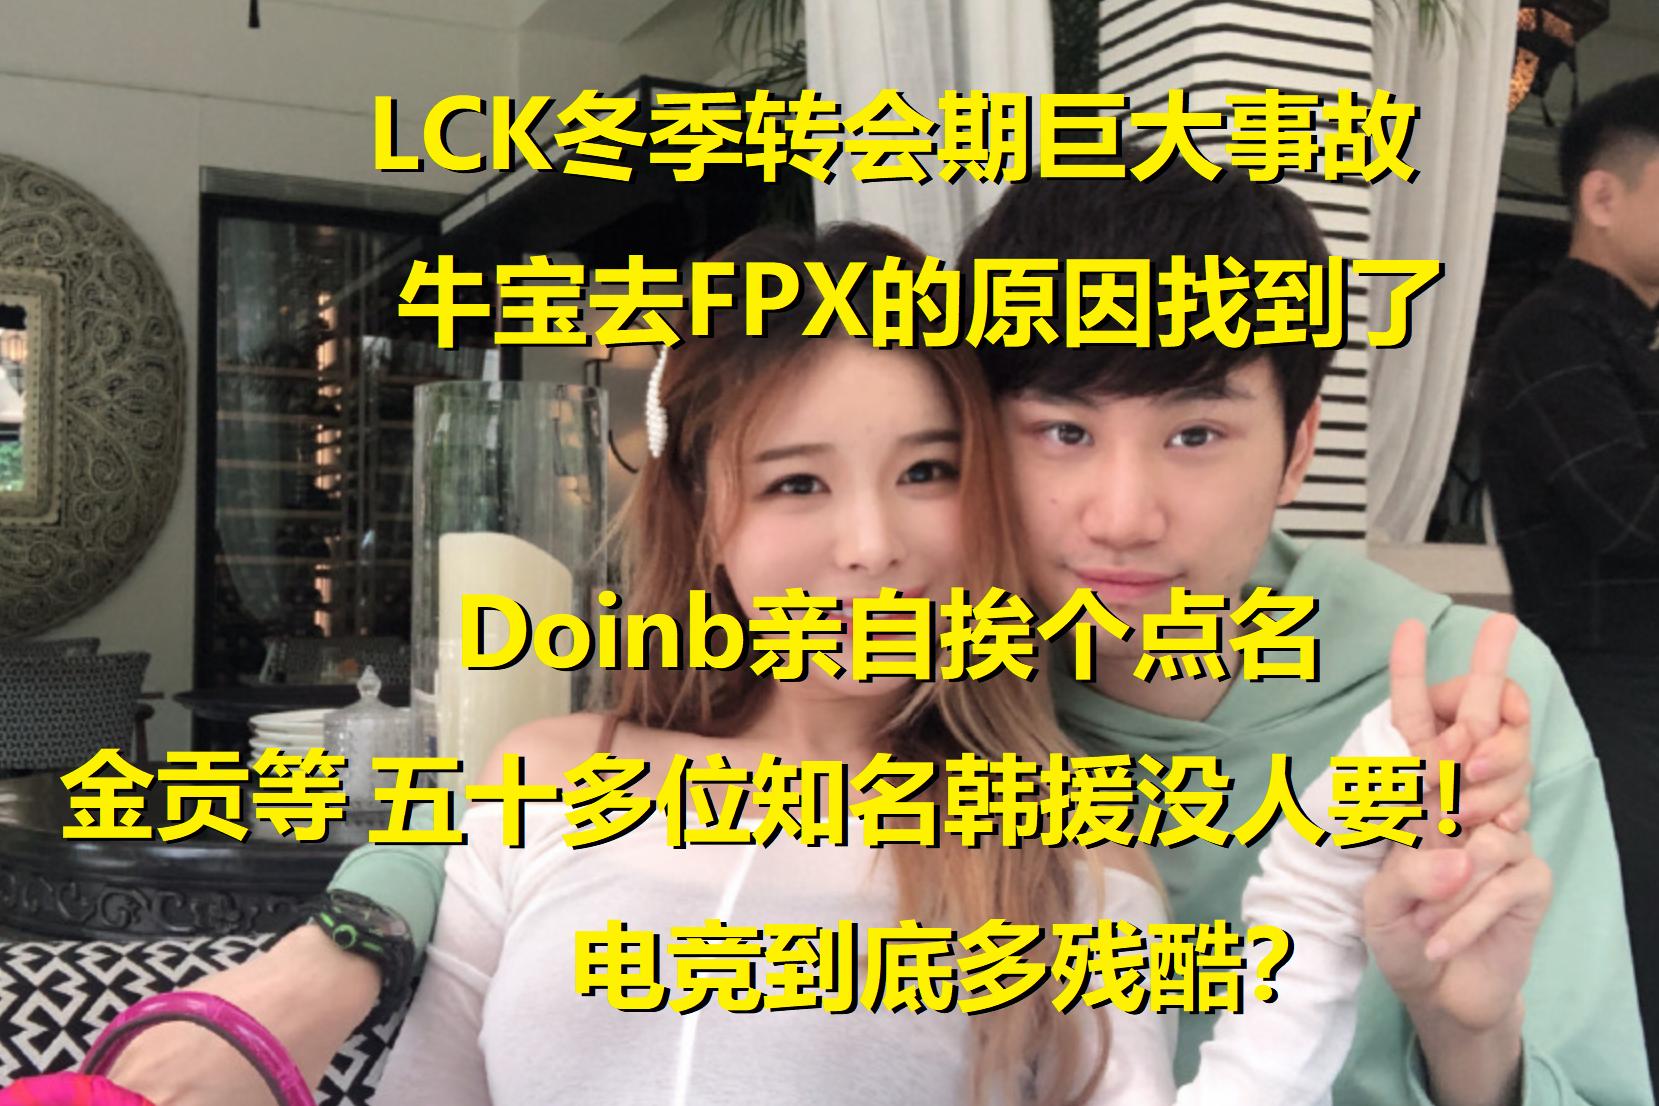 Doinb公开牛宝去FPX的原因,金贡等50位韩援没人要!转会期事故